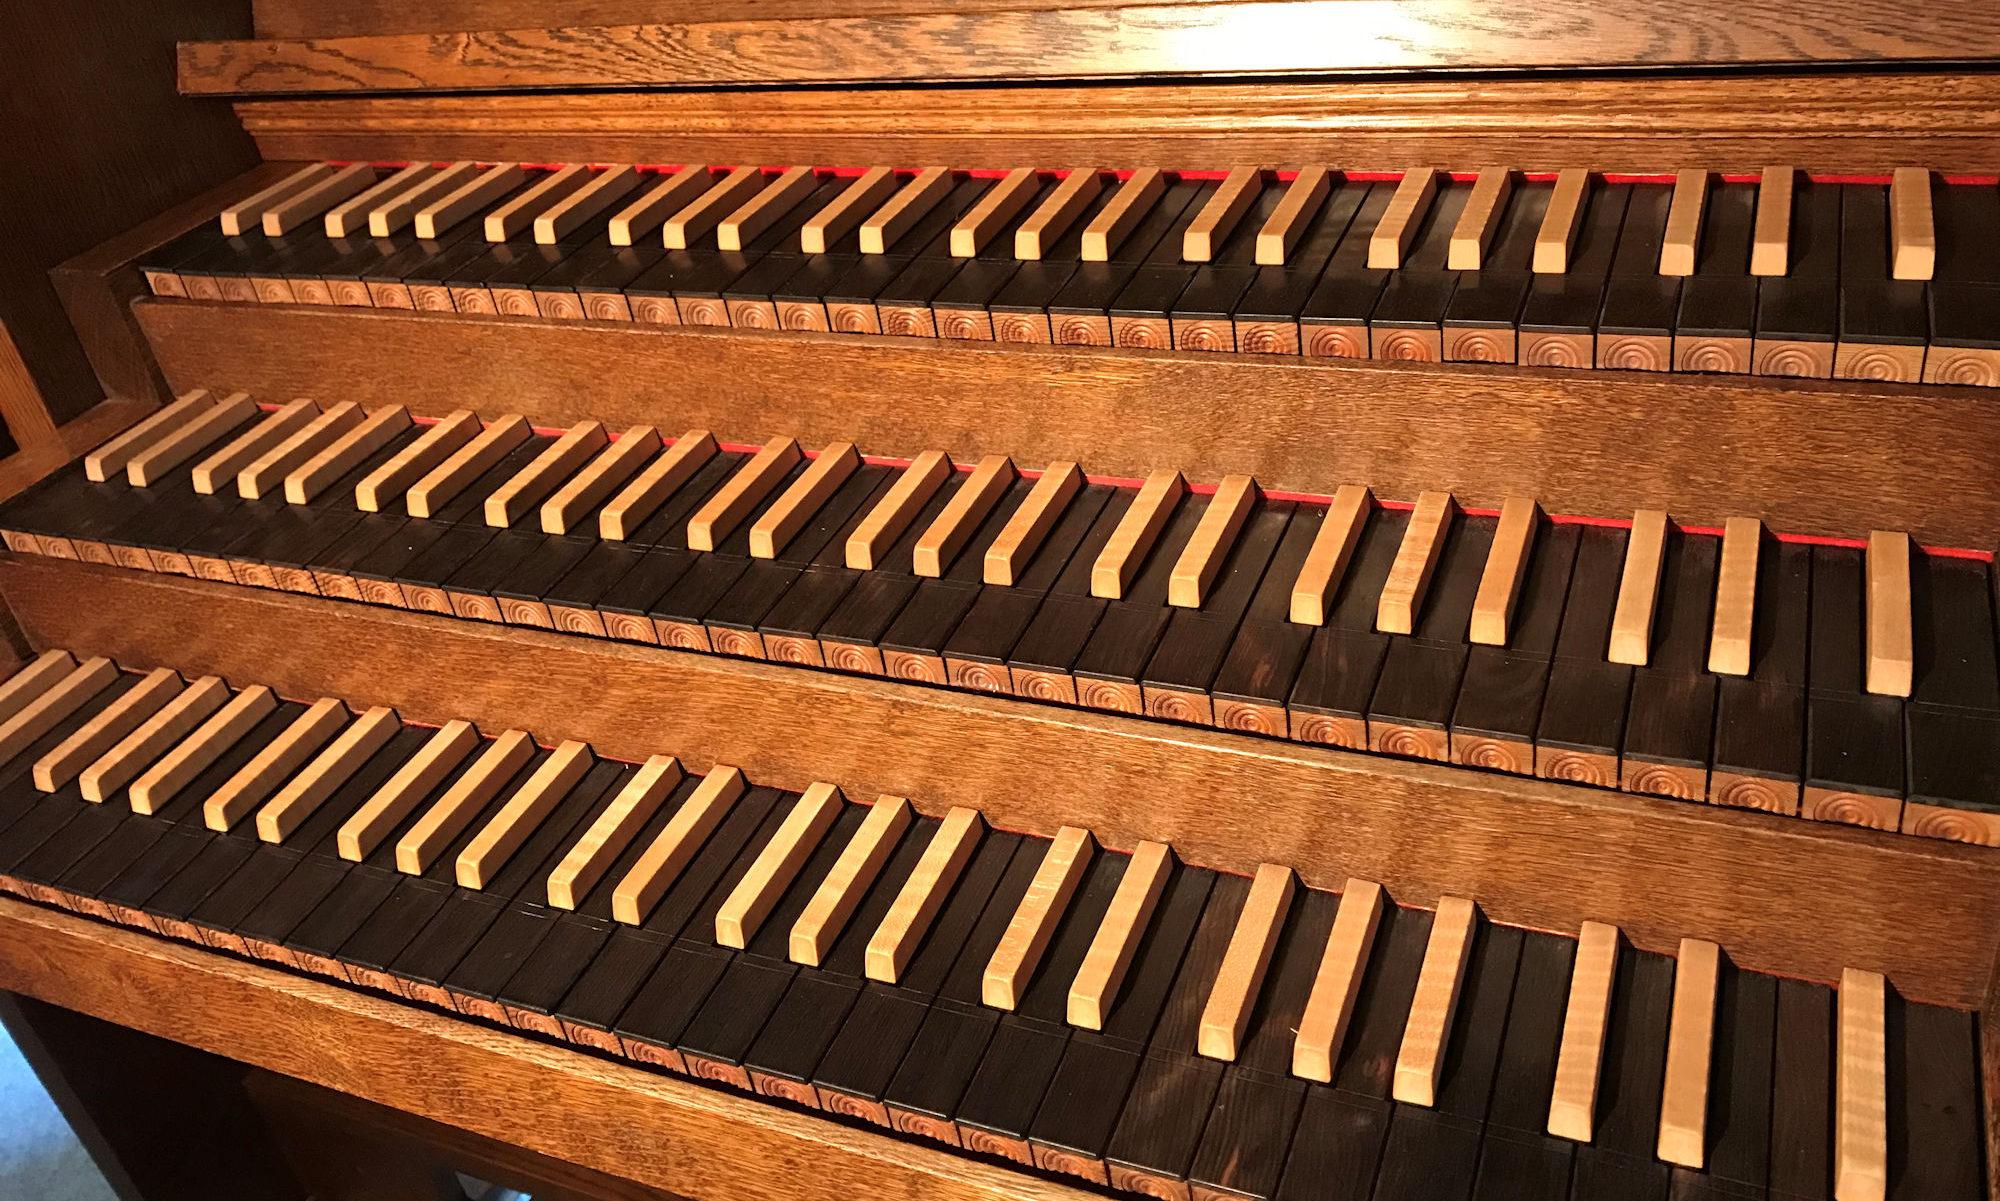 Roberts Organ Loft